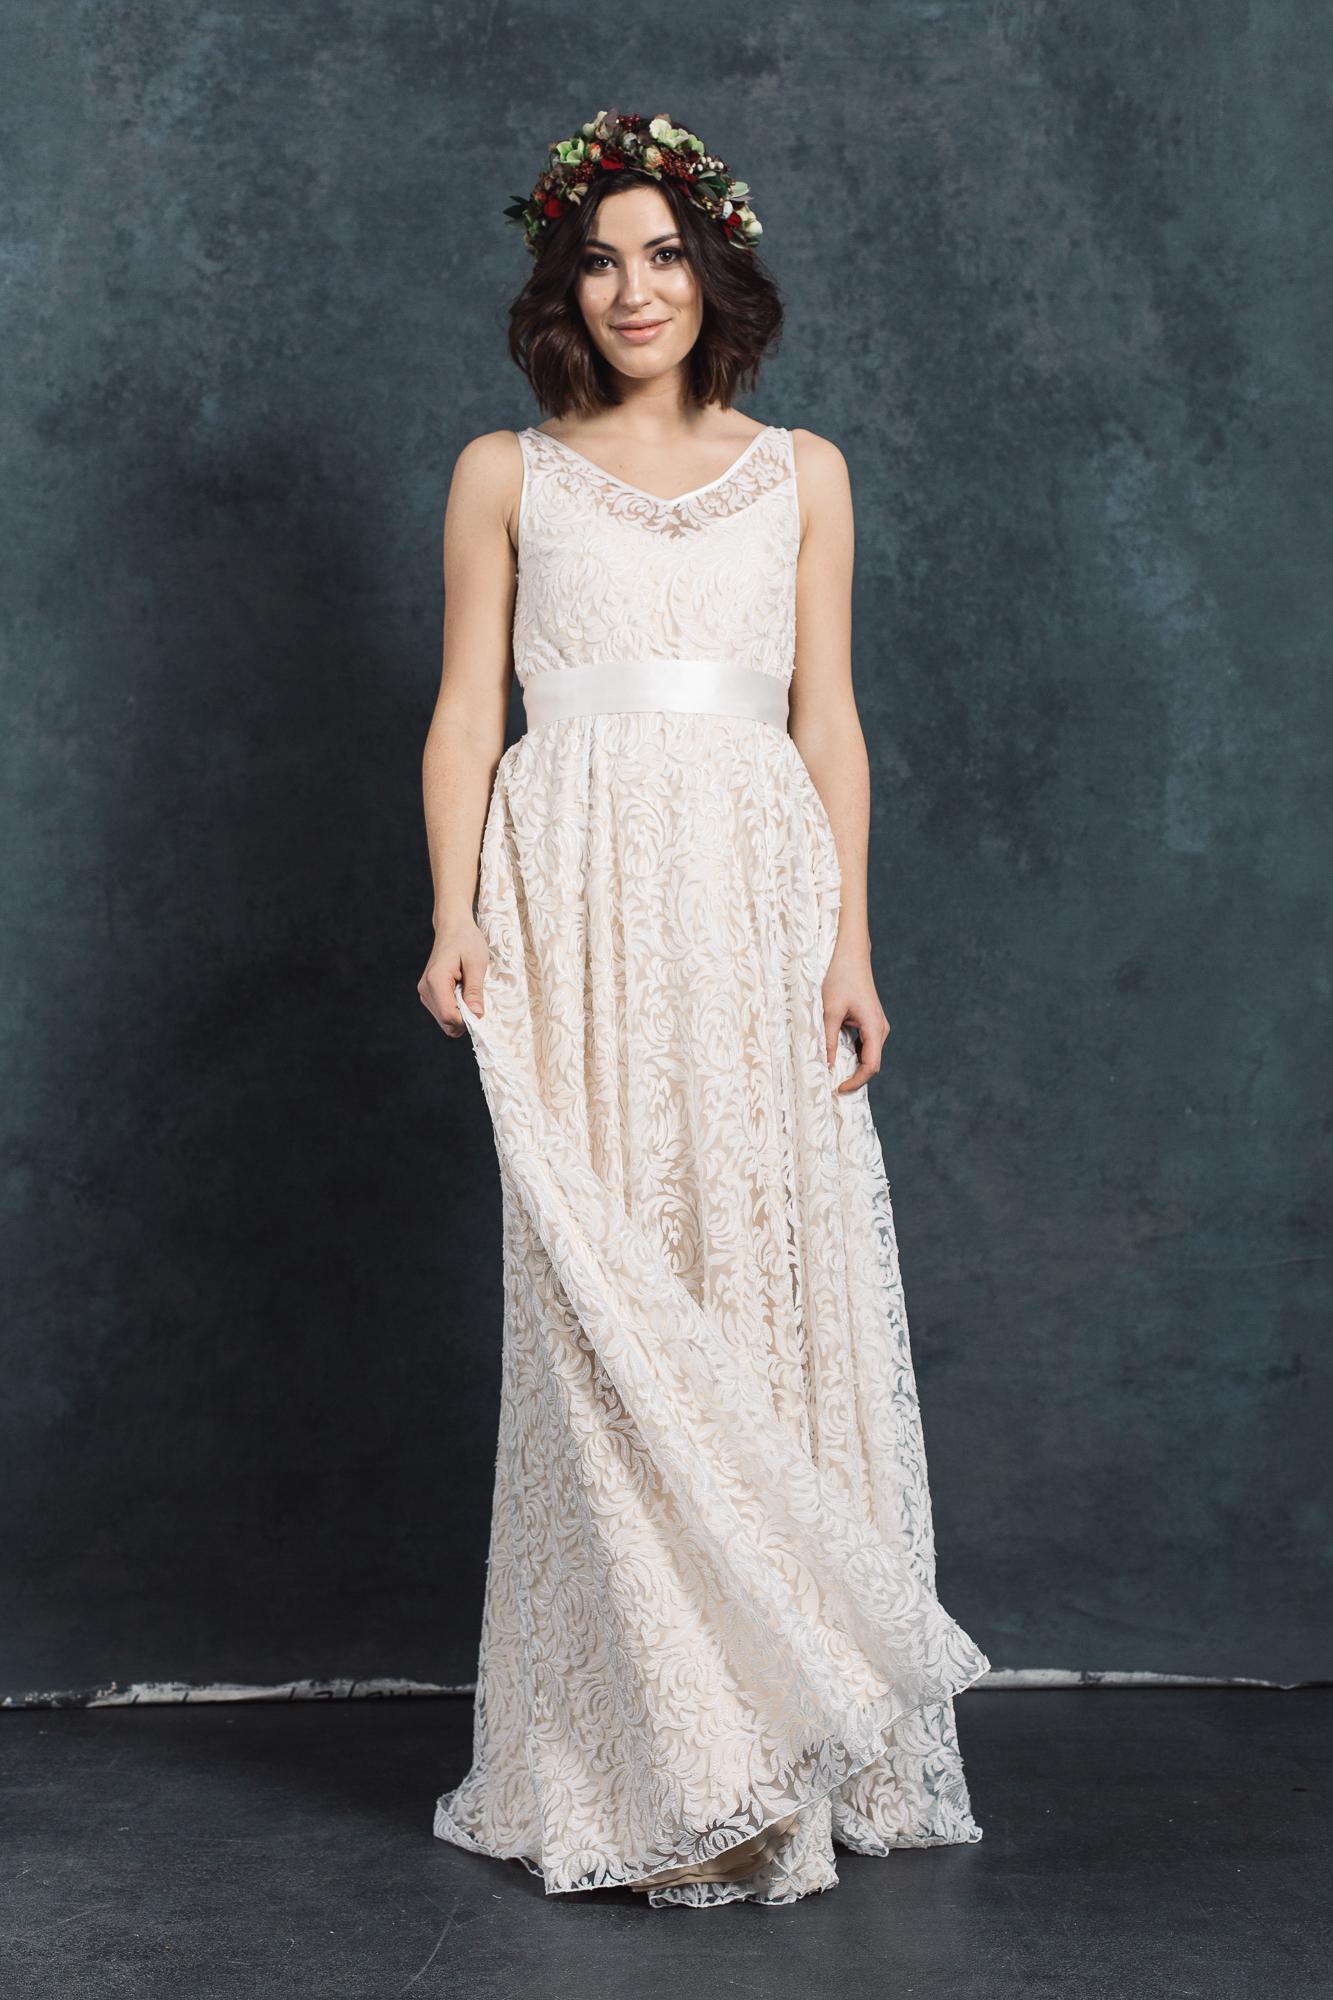 Labude Brautkleid Kollektion 2018 | Hochzeitsblog The Little Wedding ...